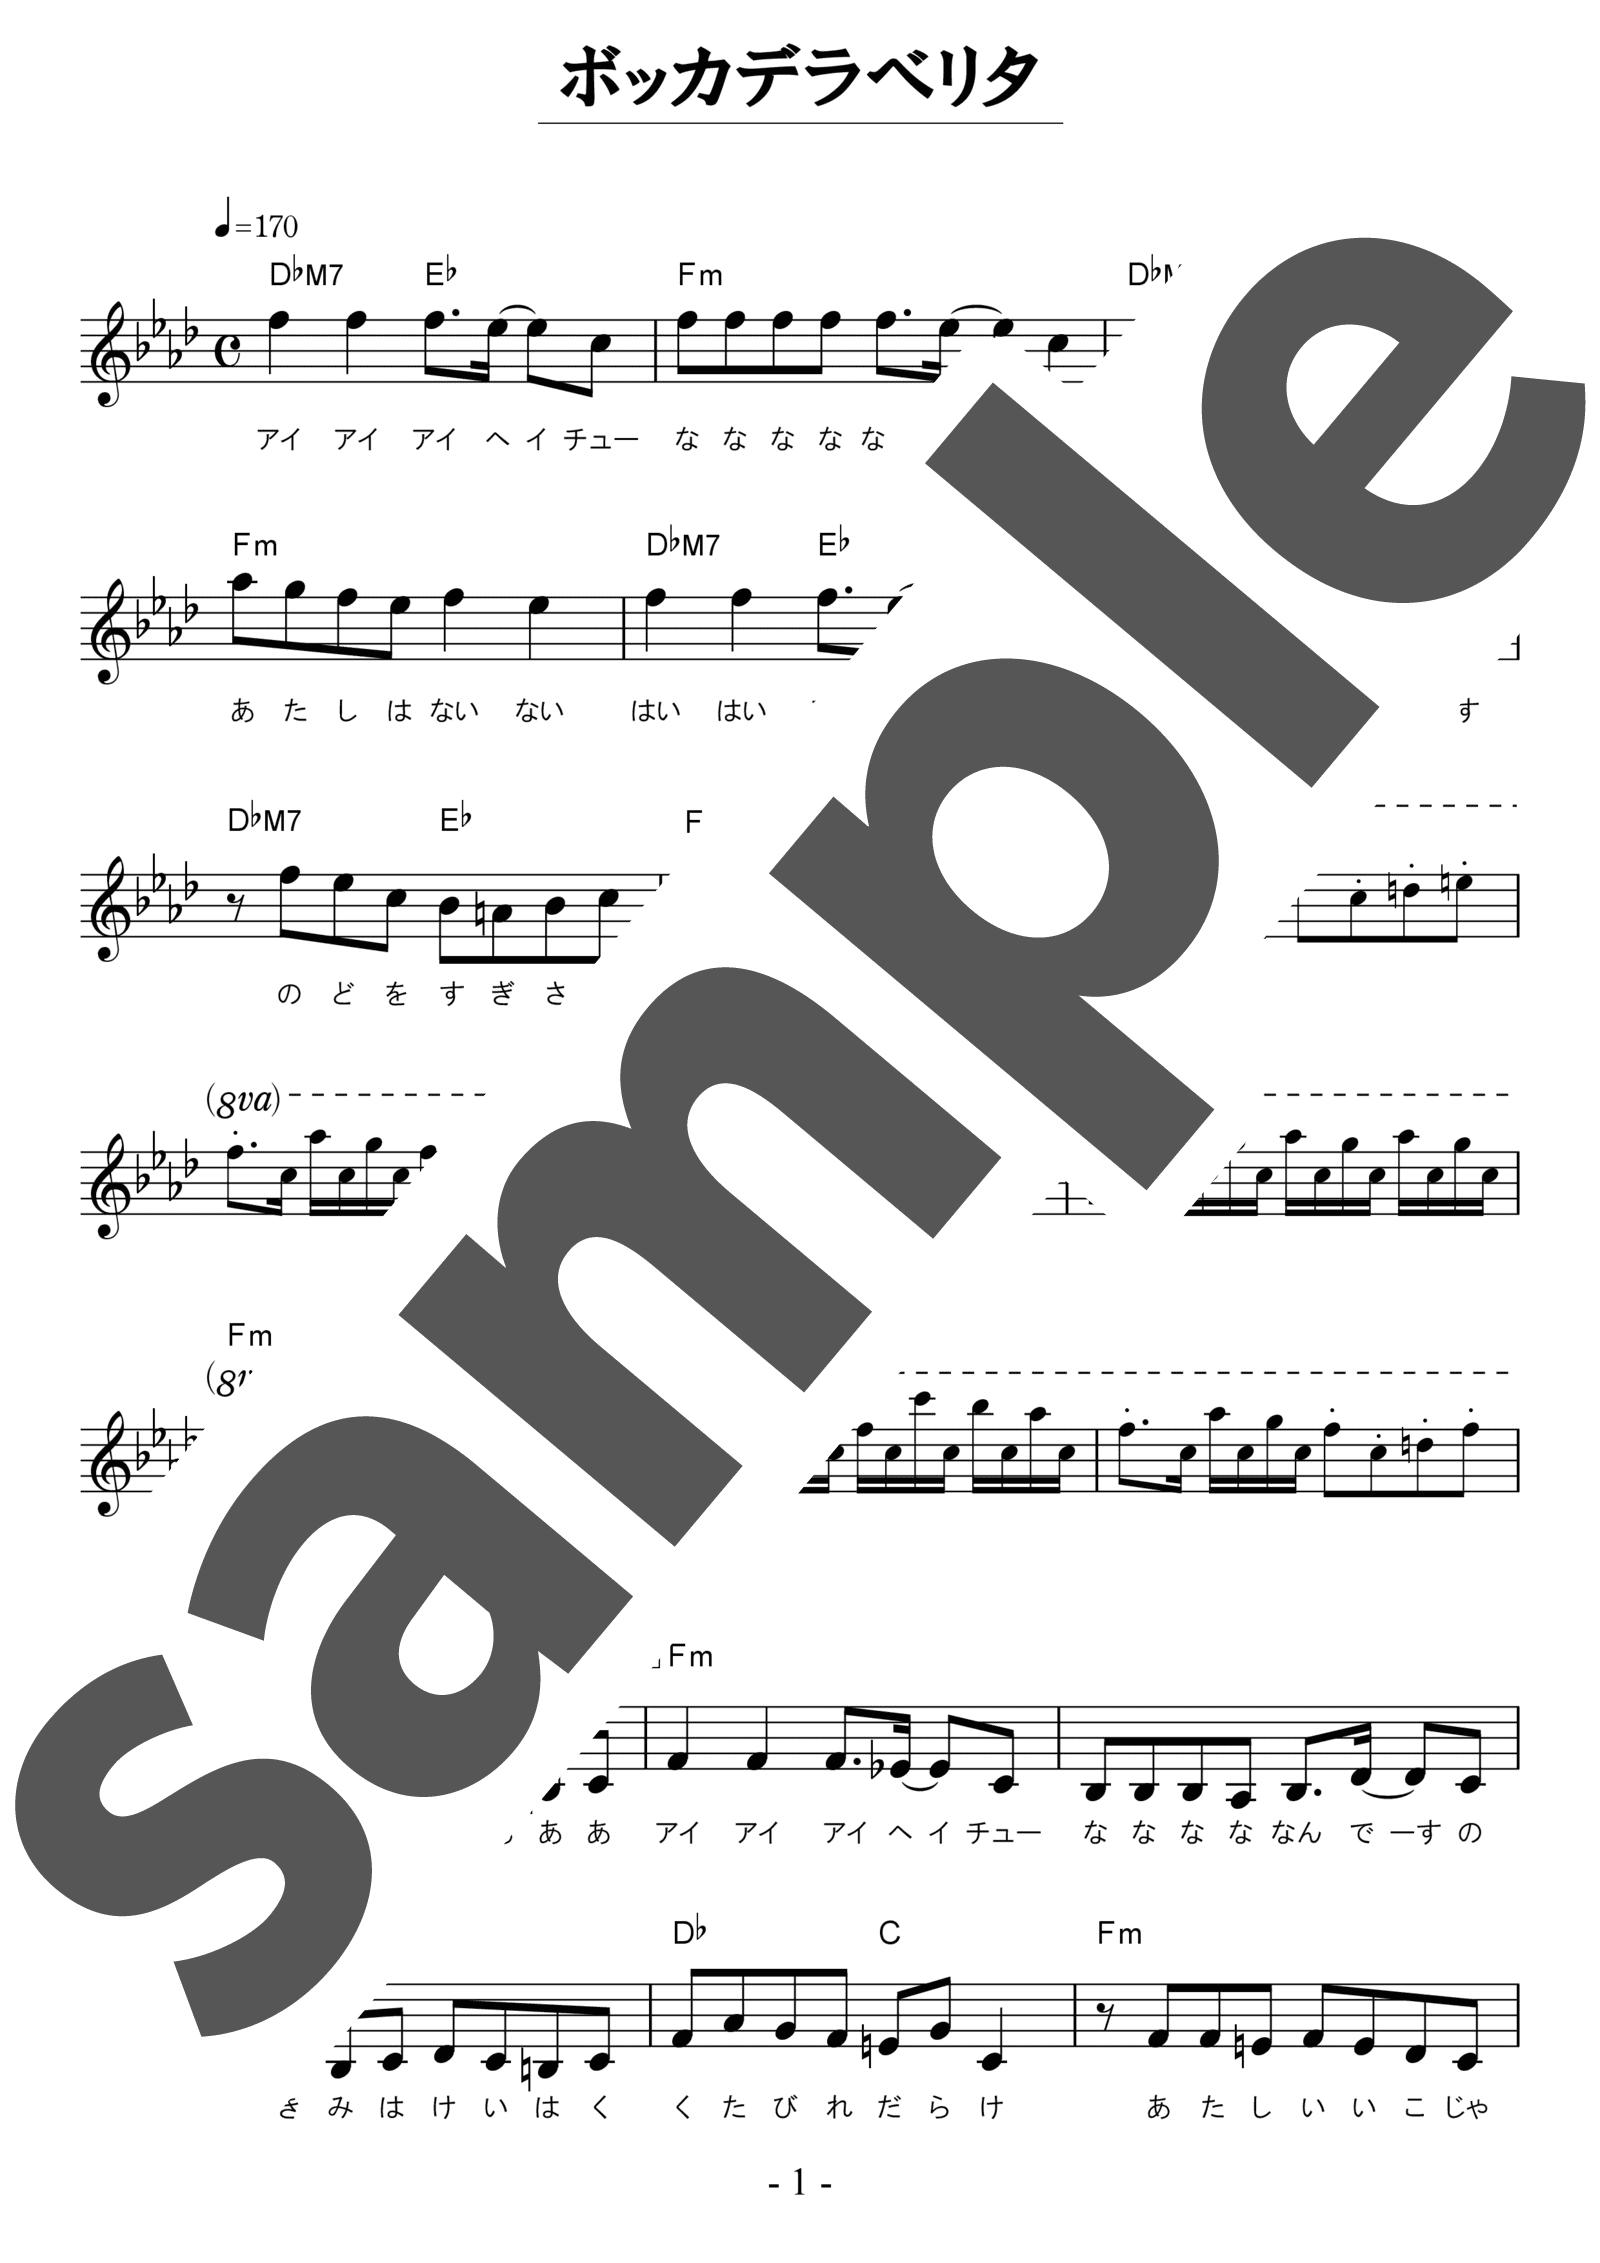 「ボッカデラベリタ」のサンプル楽譜